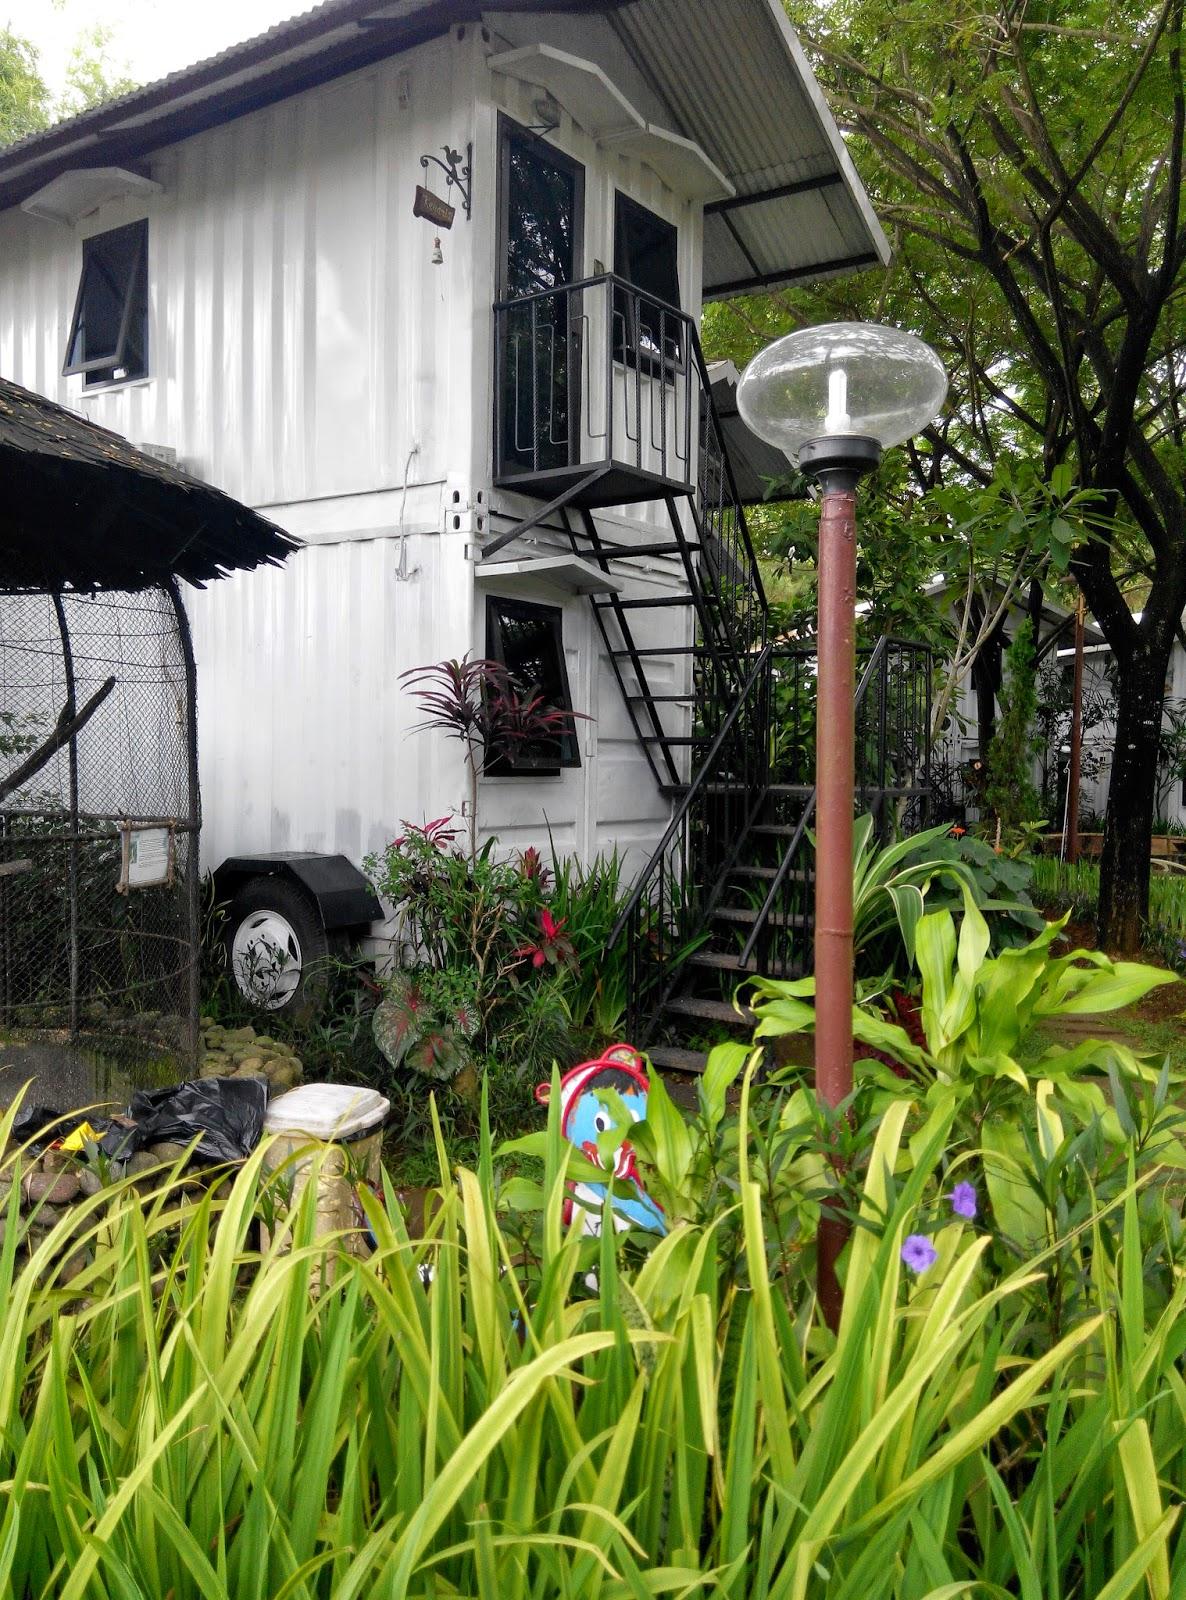 Royal Caravan Camp